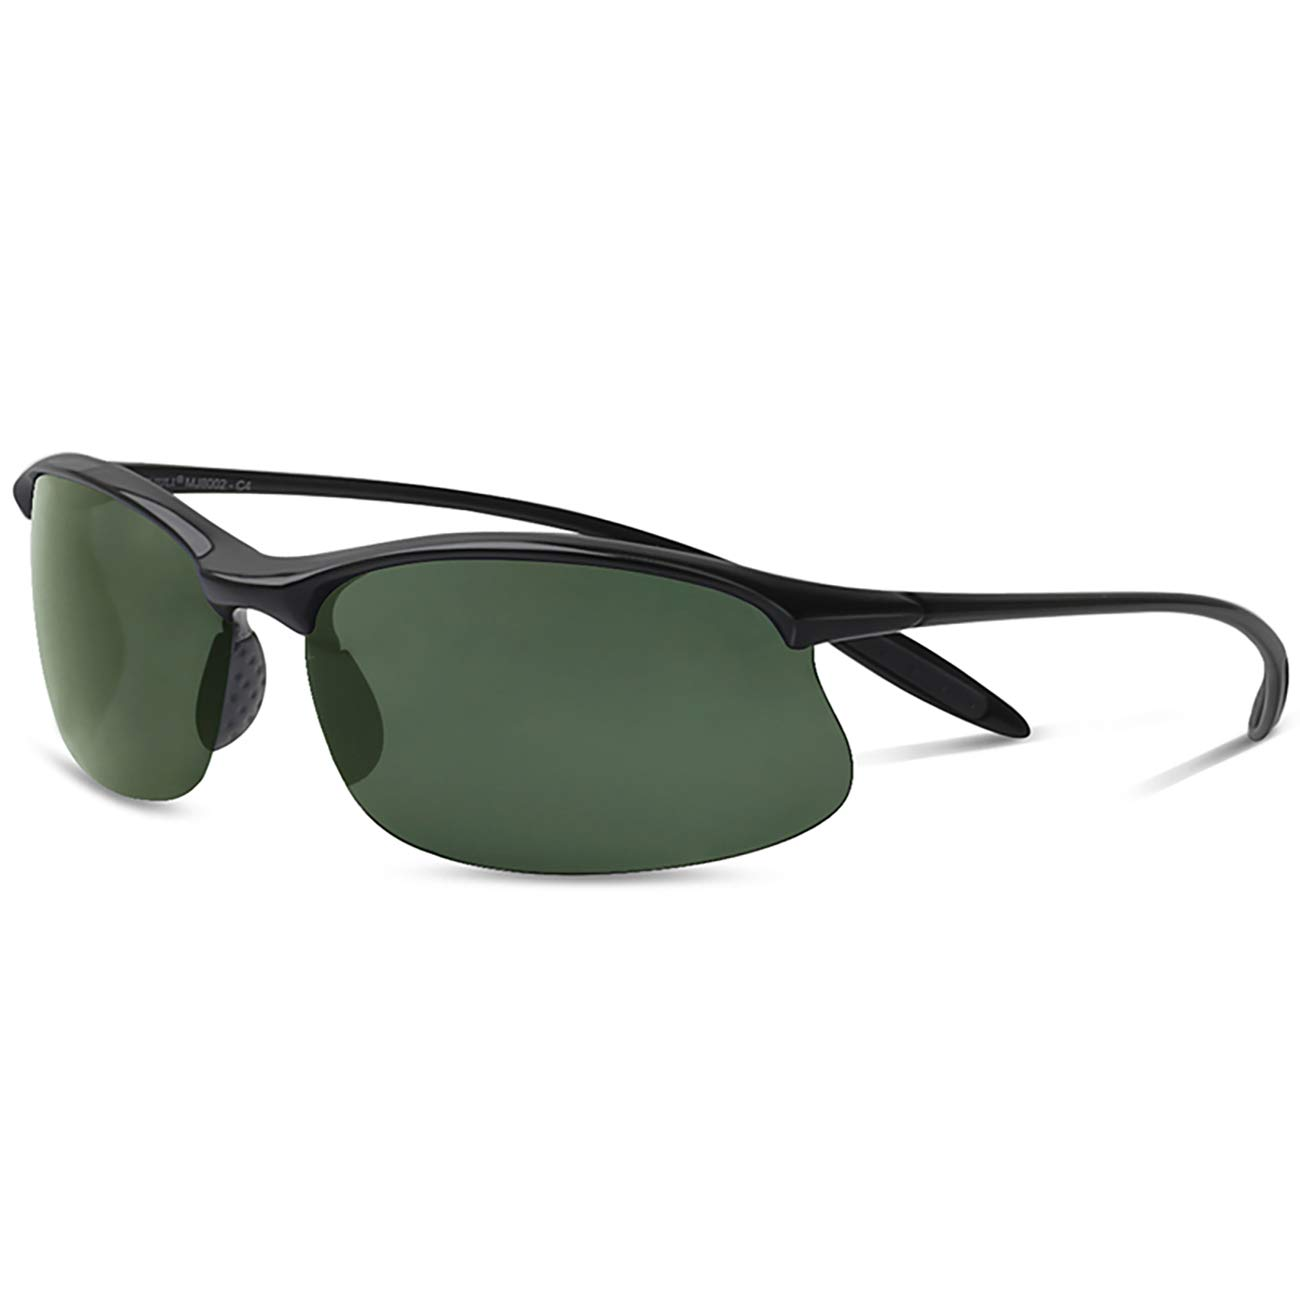 JULI Polarized Sports Sunglasses for Men Women Tr90 Unbreakable Frame for Running Fishing Baseball